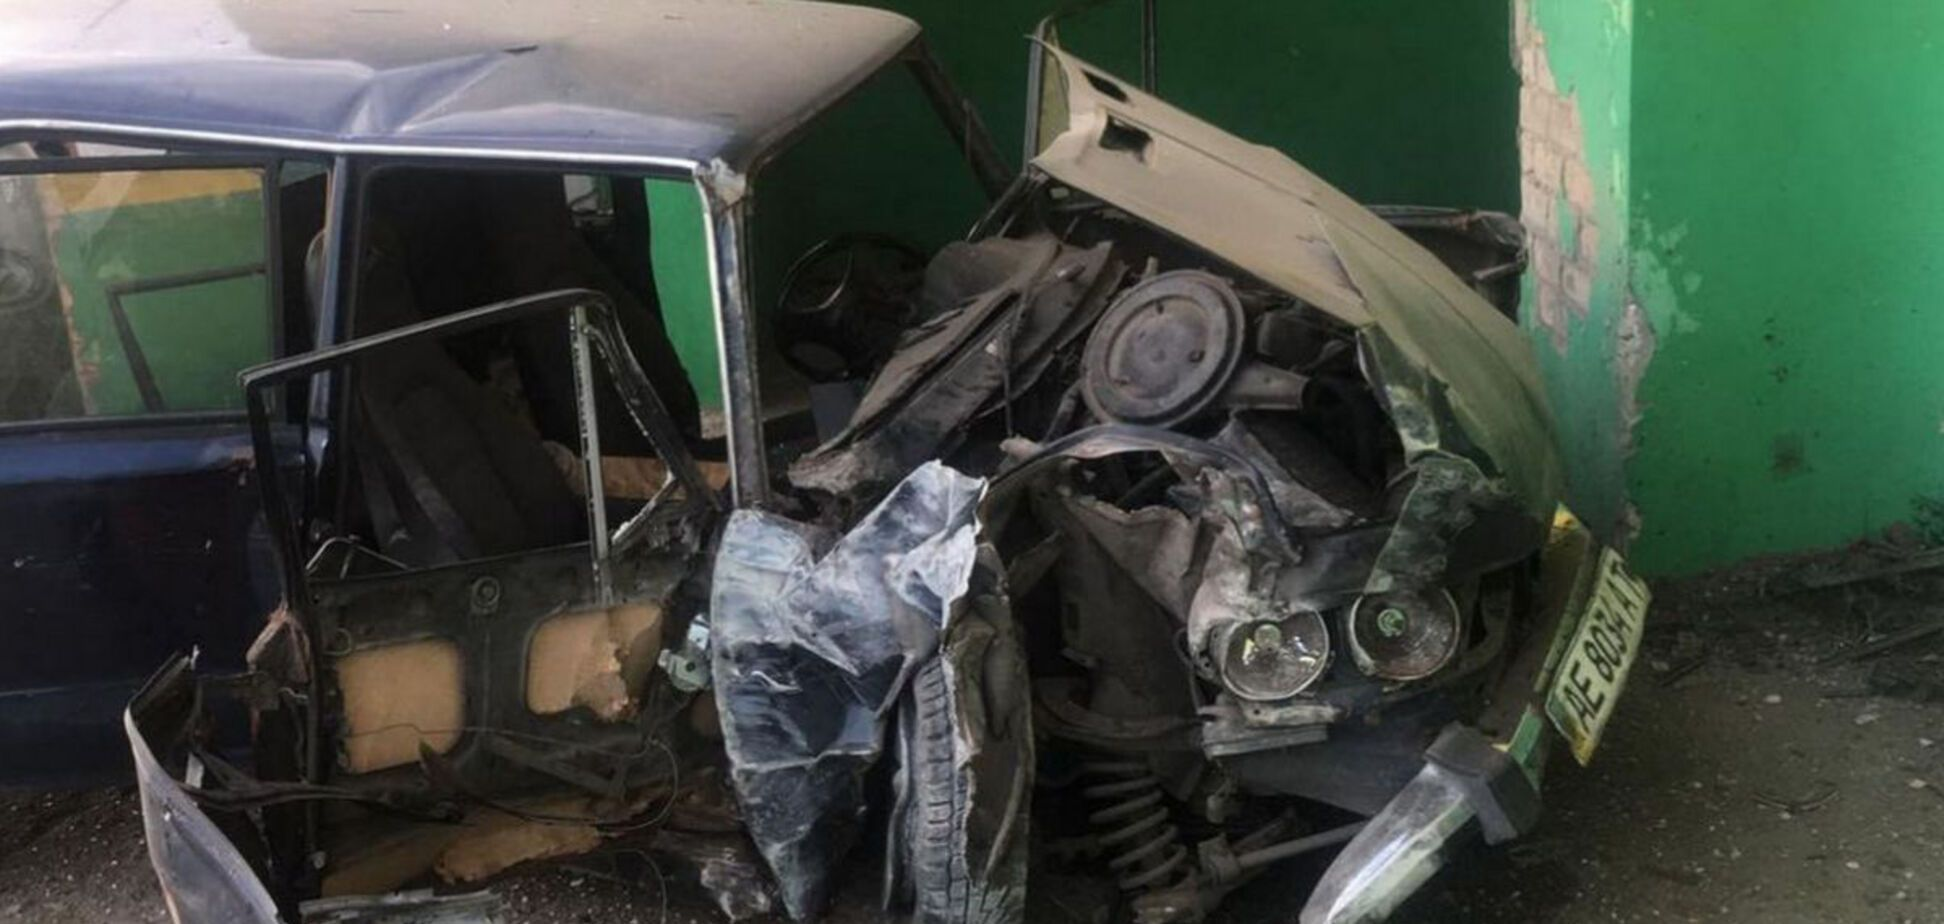 У Дніпрі легковик врізався в зупинку: постраждали двоє людей. Фото